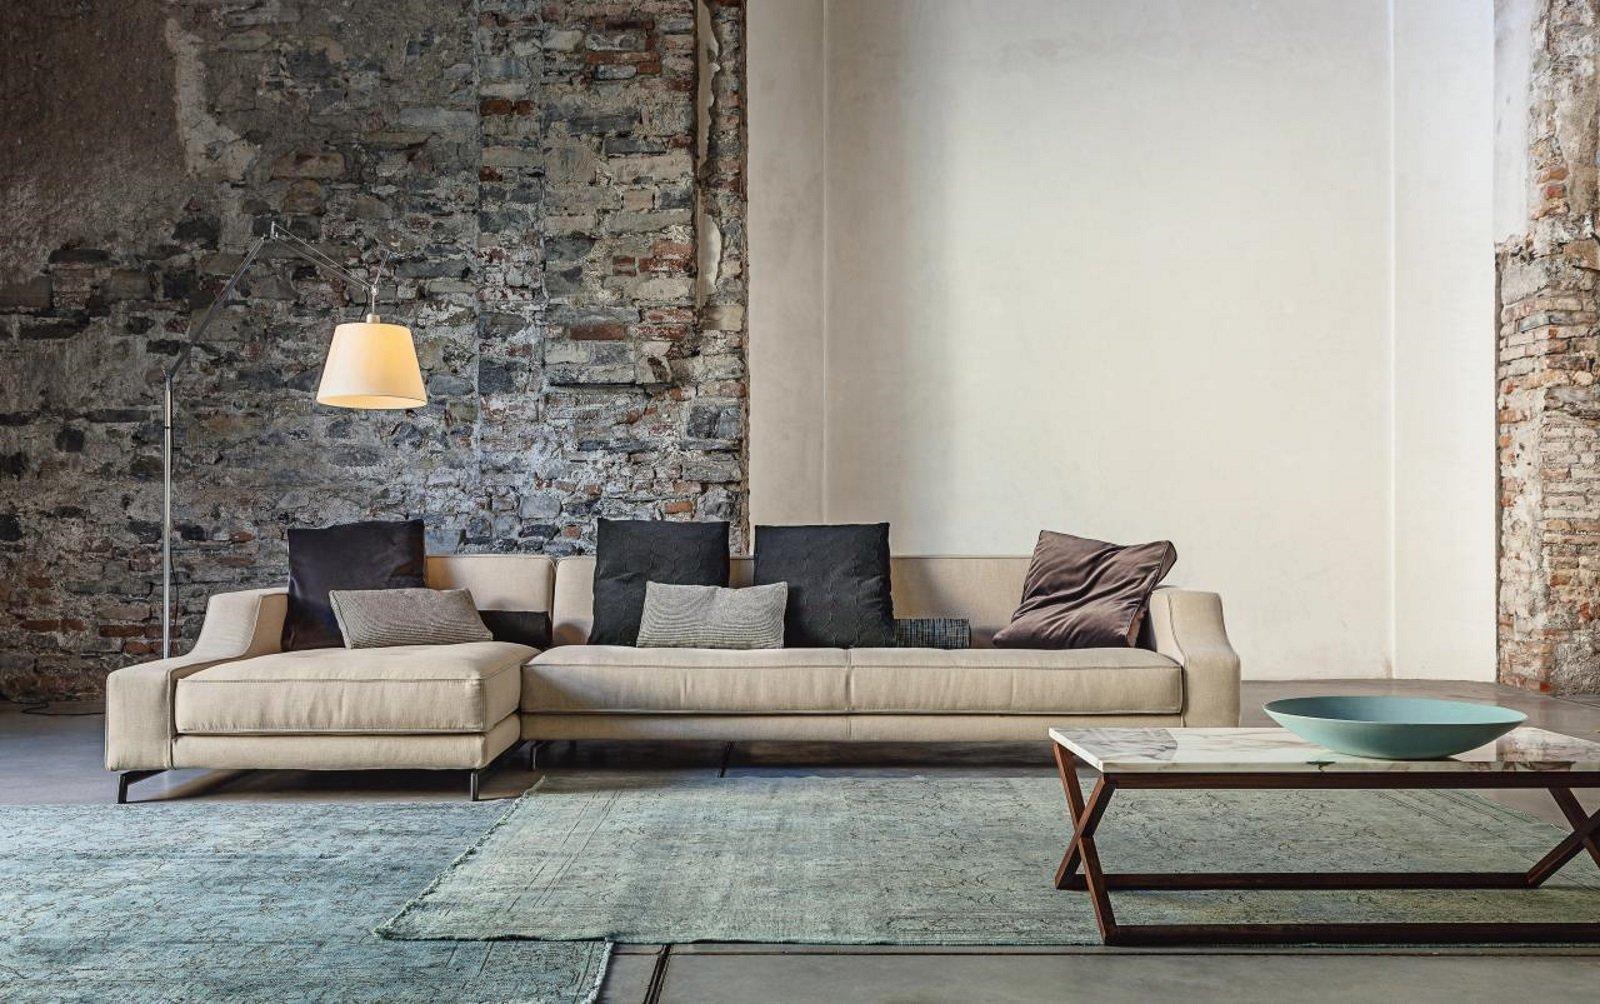 un divano angolare di color beige